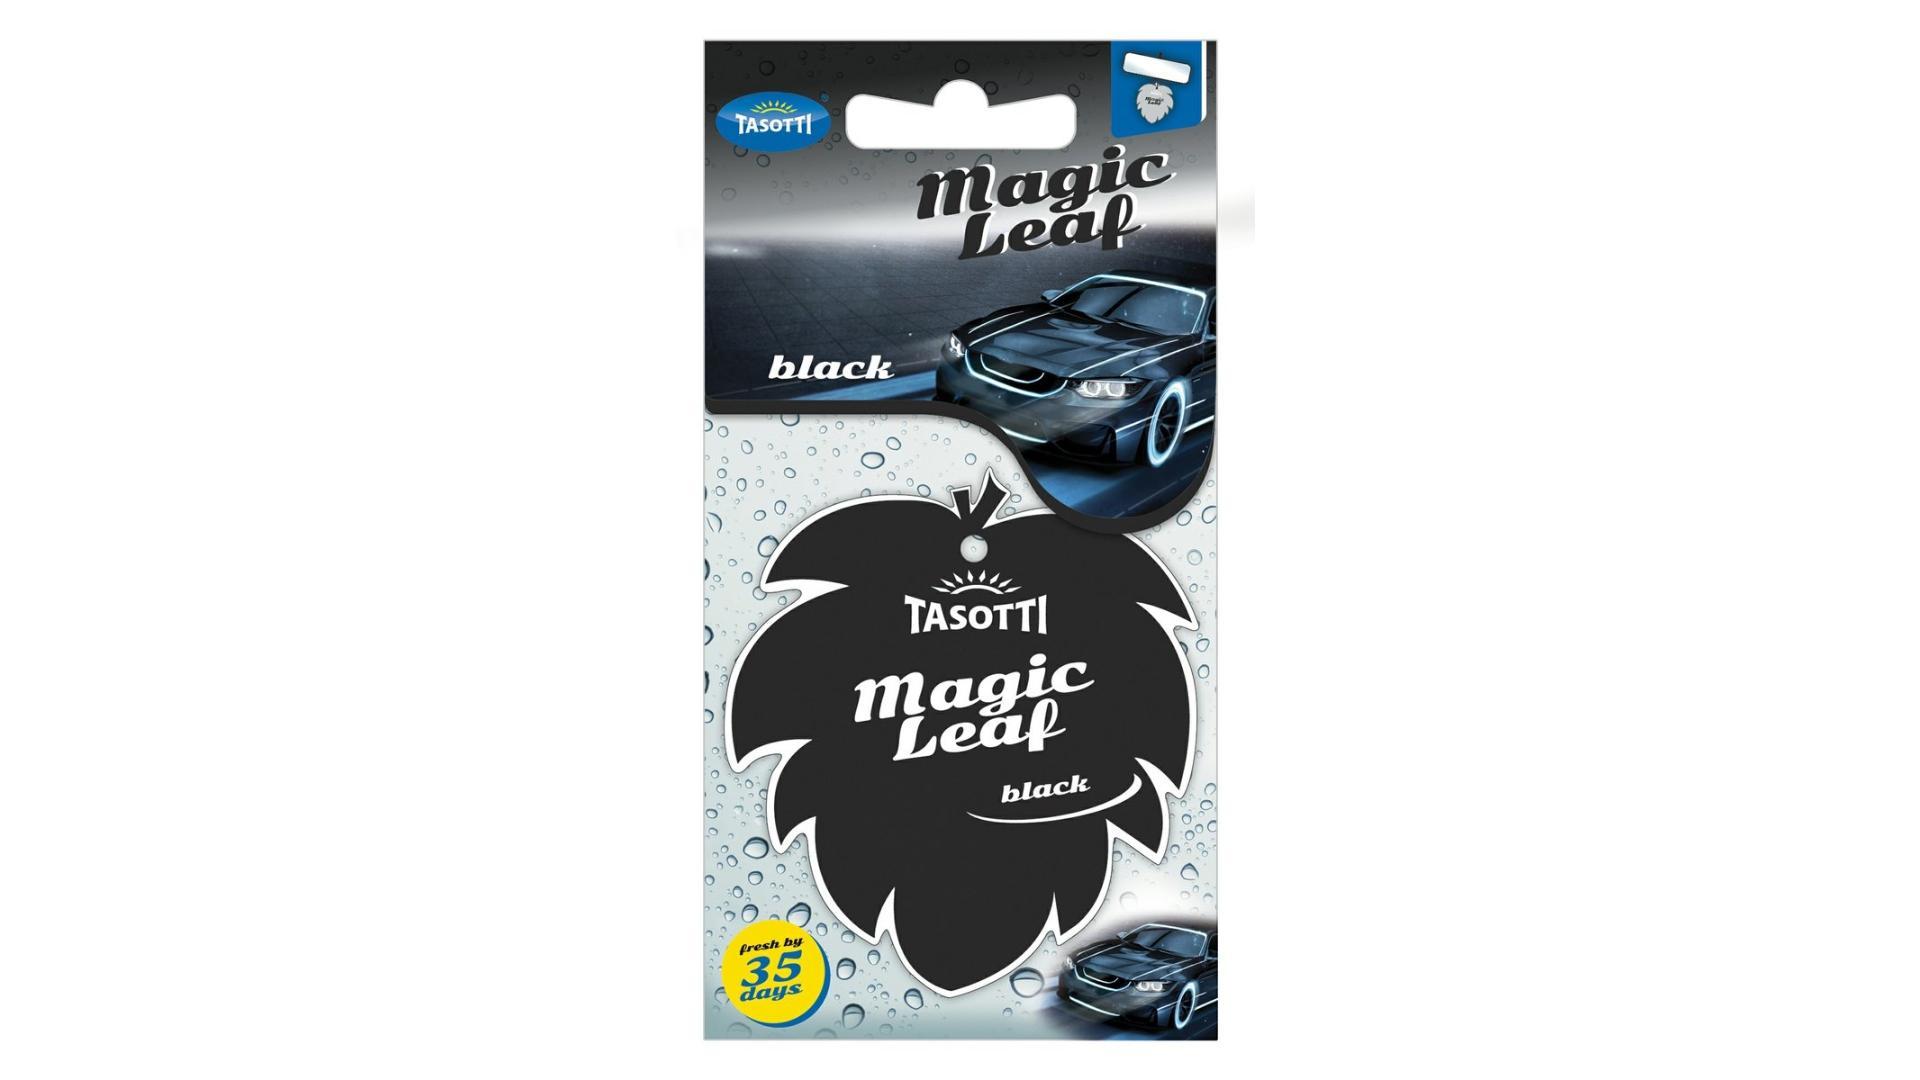 TASOTTI Magic leaf black